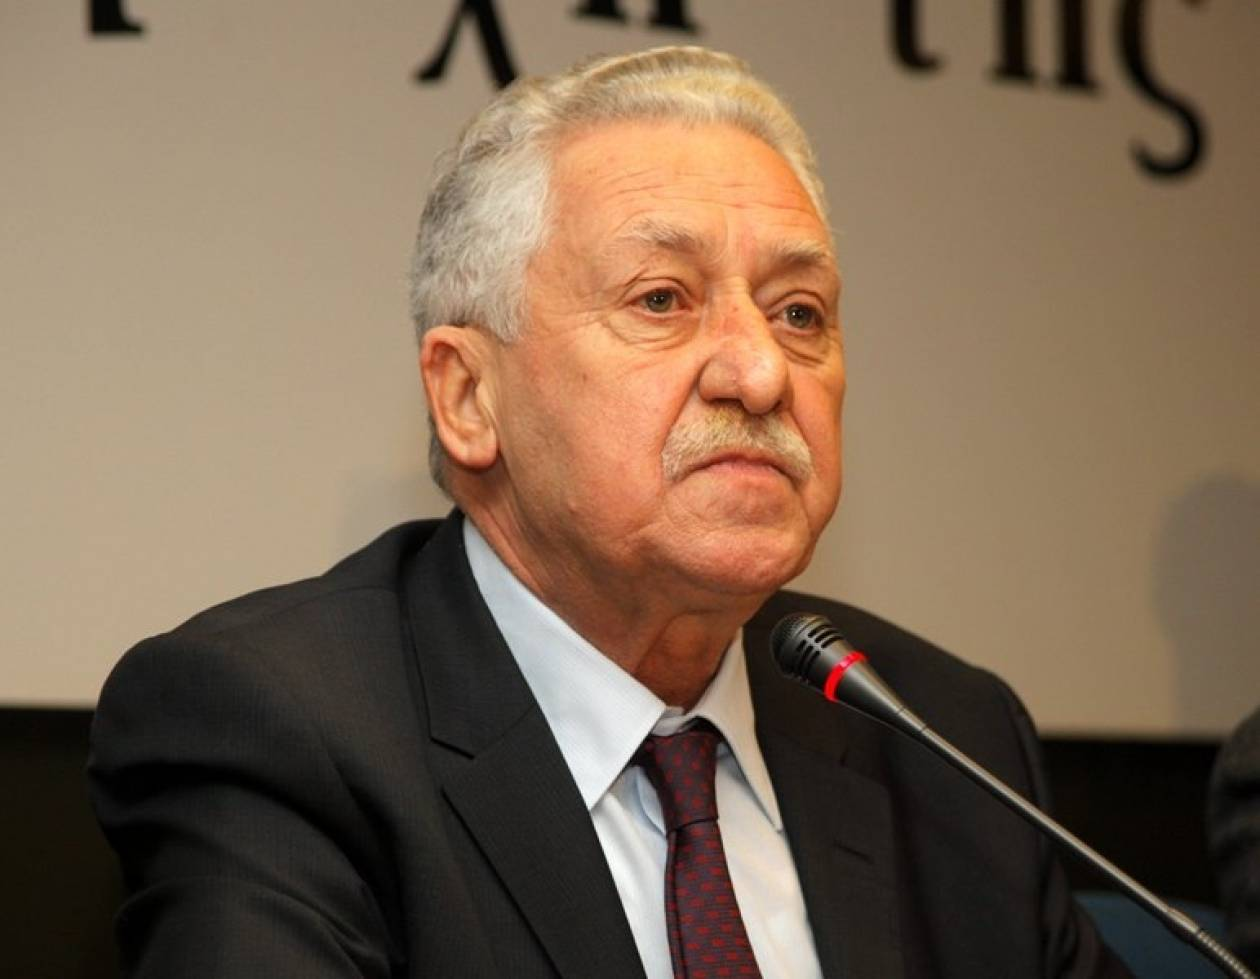 Κουβέλης: Δεν θα θέσω υποψηφιότητα για Πρόεδρος της Δημοκρατίας